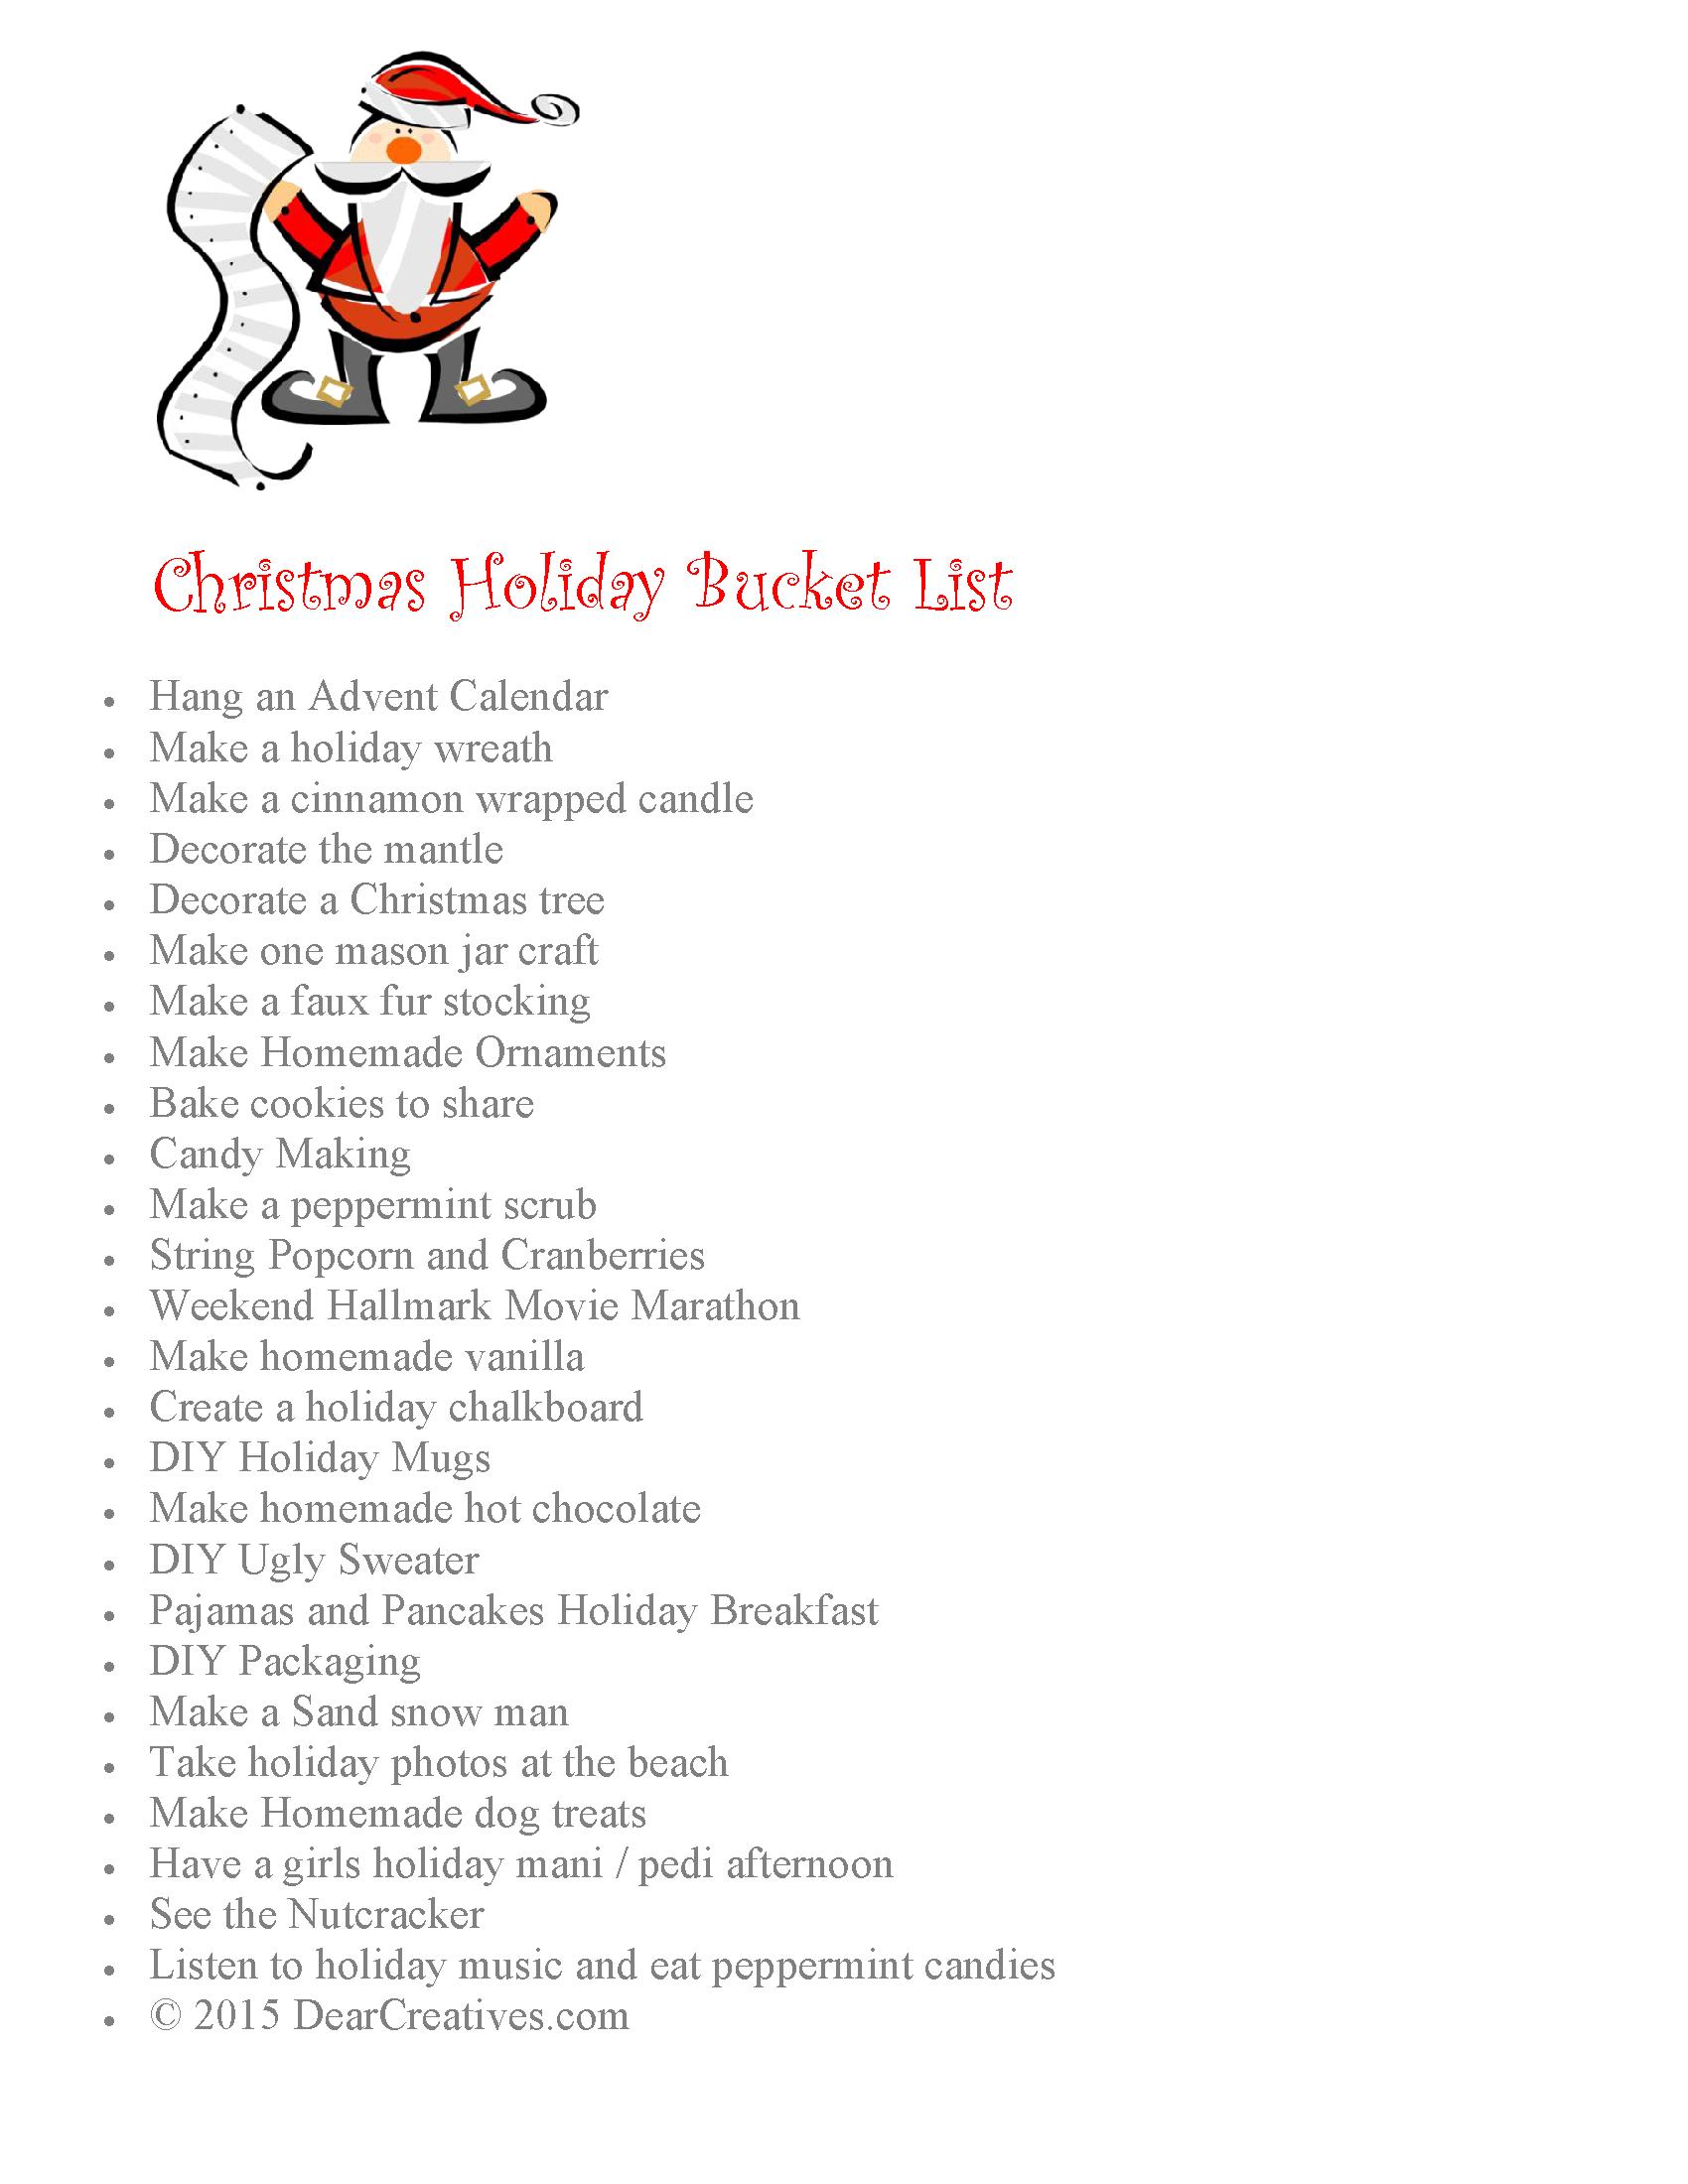 Christmas Holiday Bucket List With Free #Printable